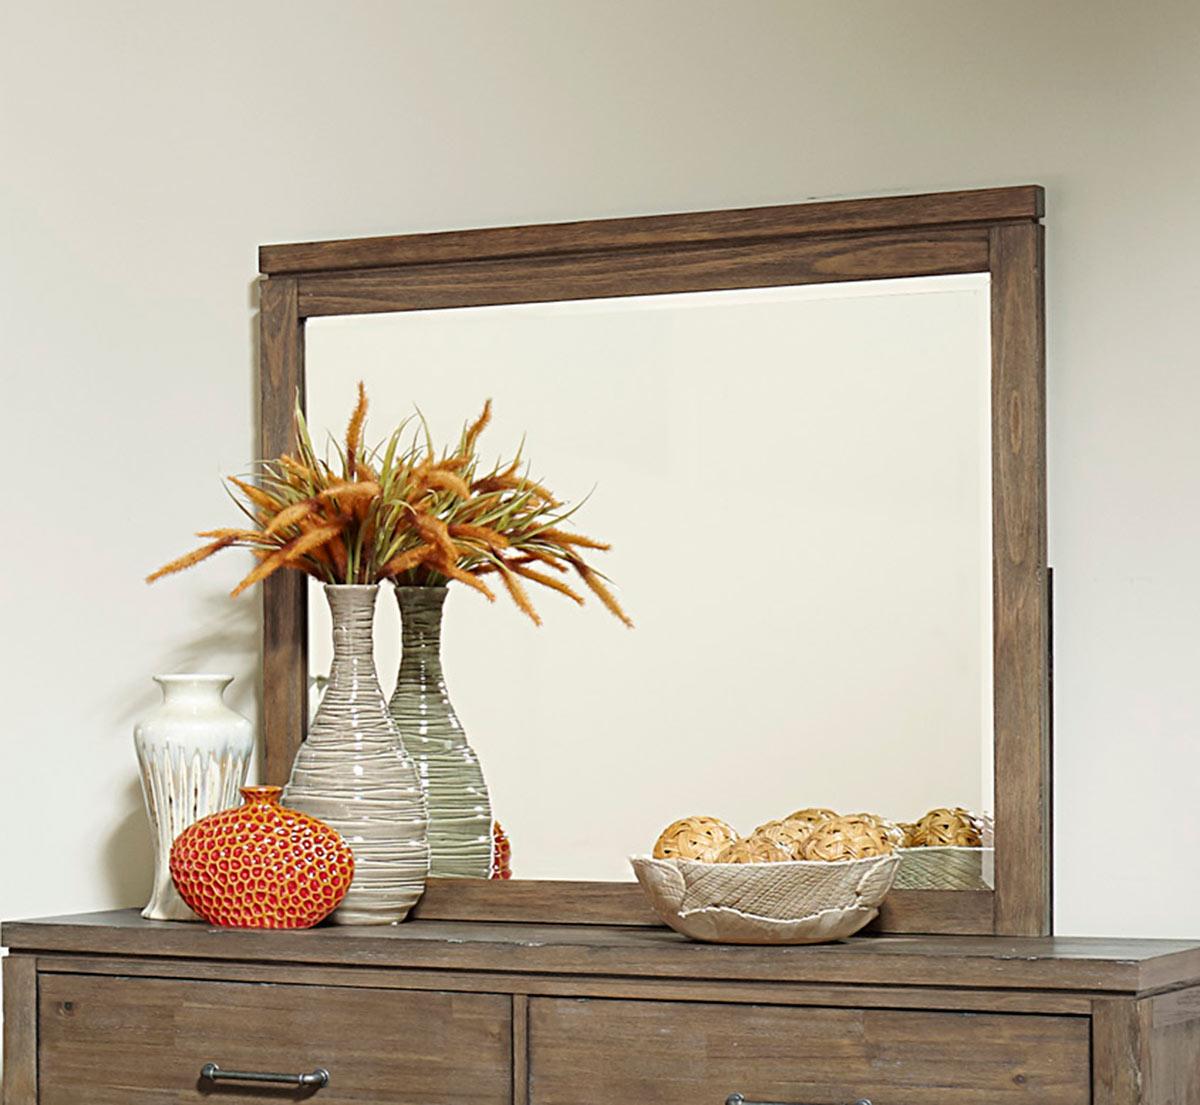 Homelegance Lyer Mirror - Rustic Brown